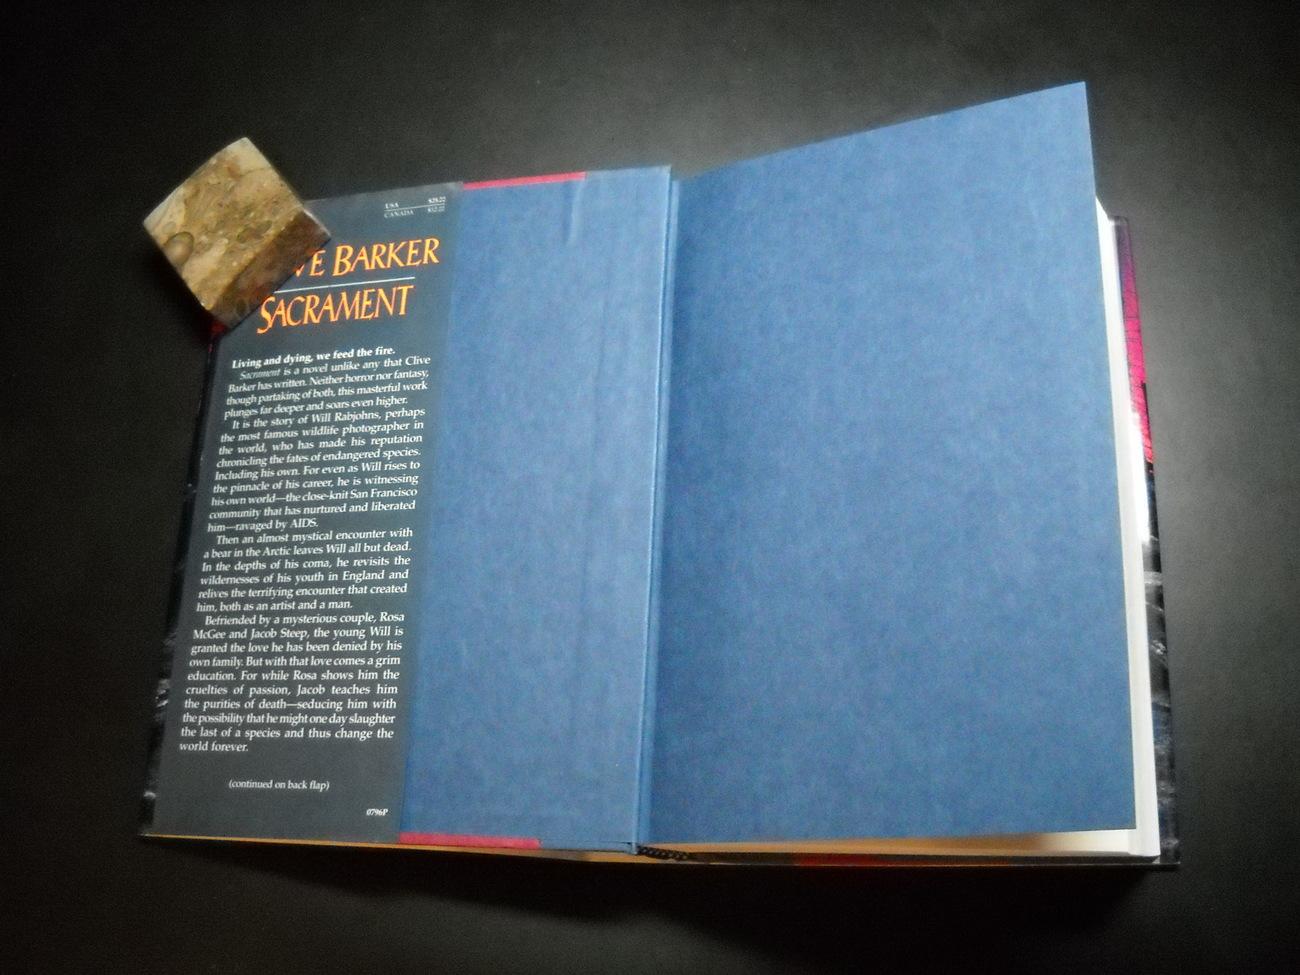 Clive Barker Sacrament 1996 Harper Collins First Edition Hardcover Dust Jacket